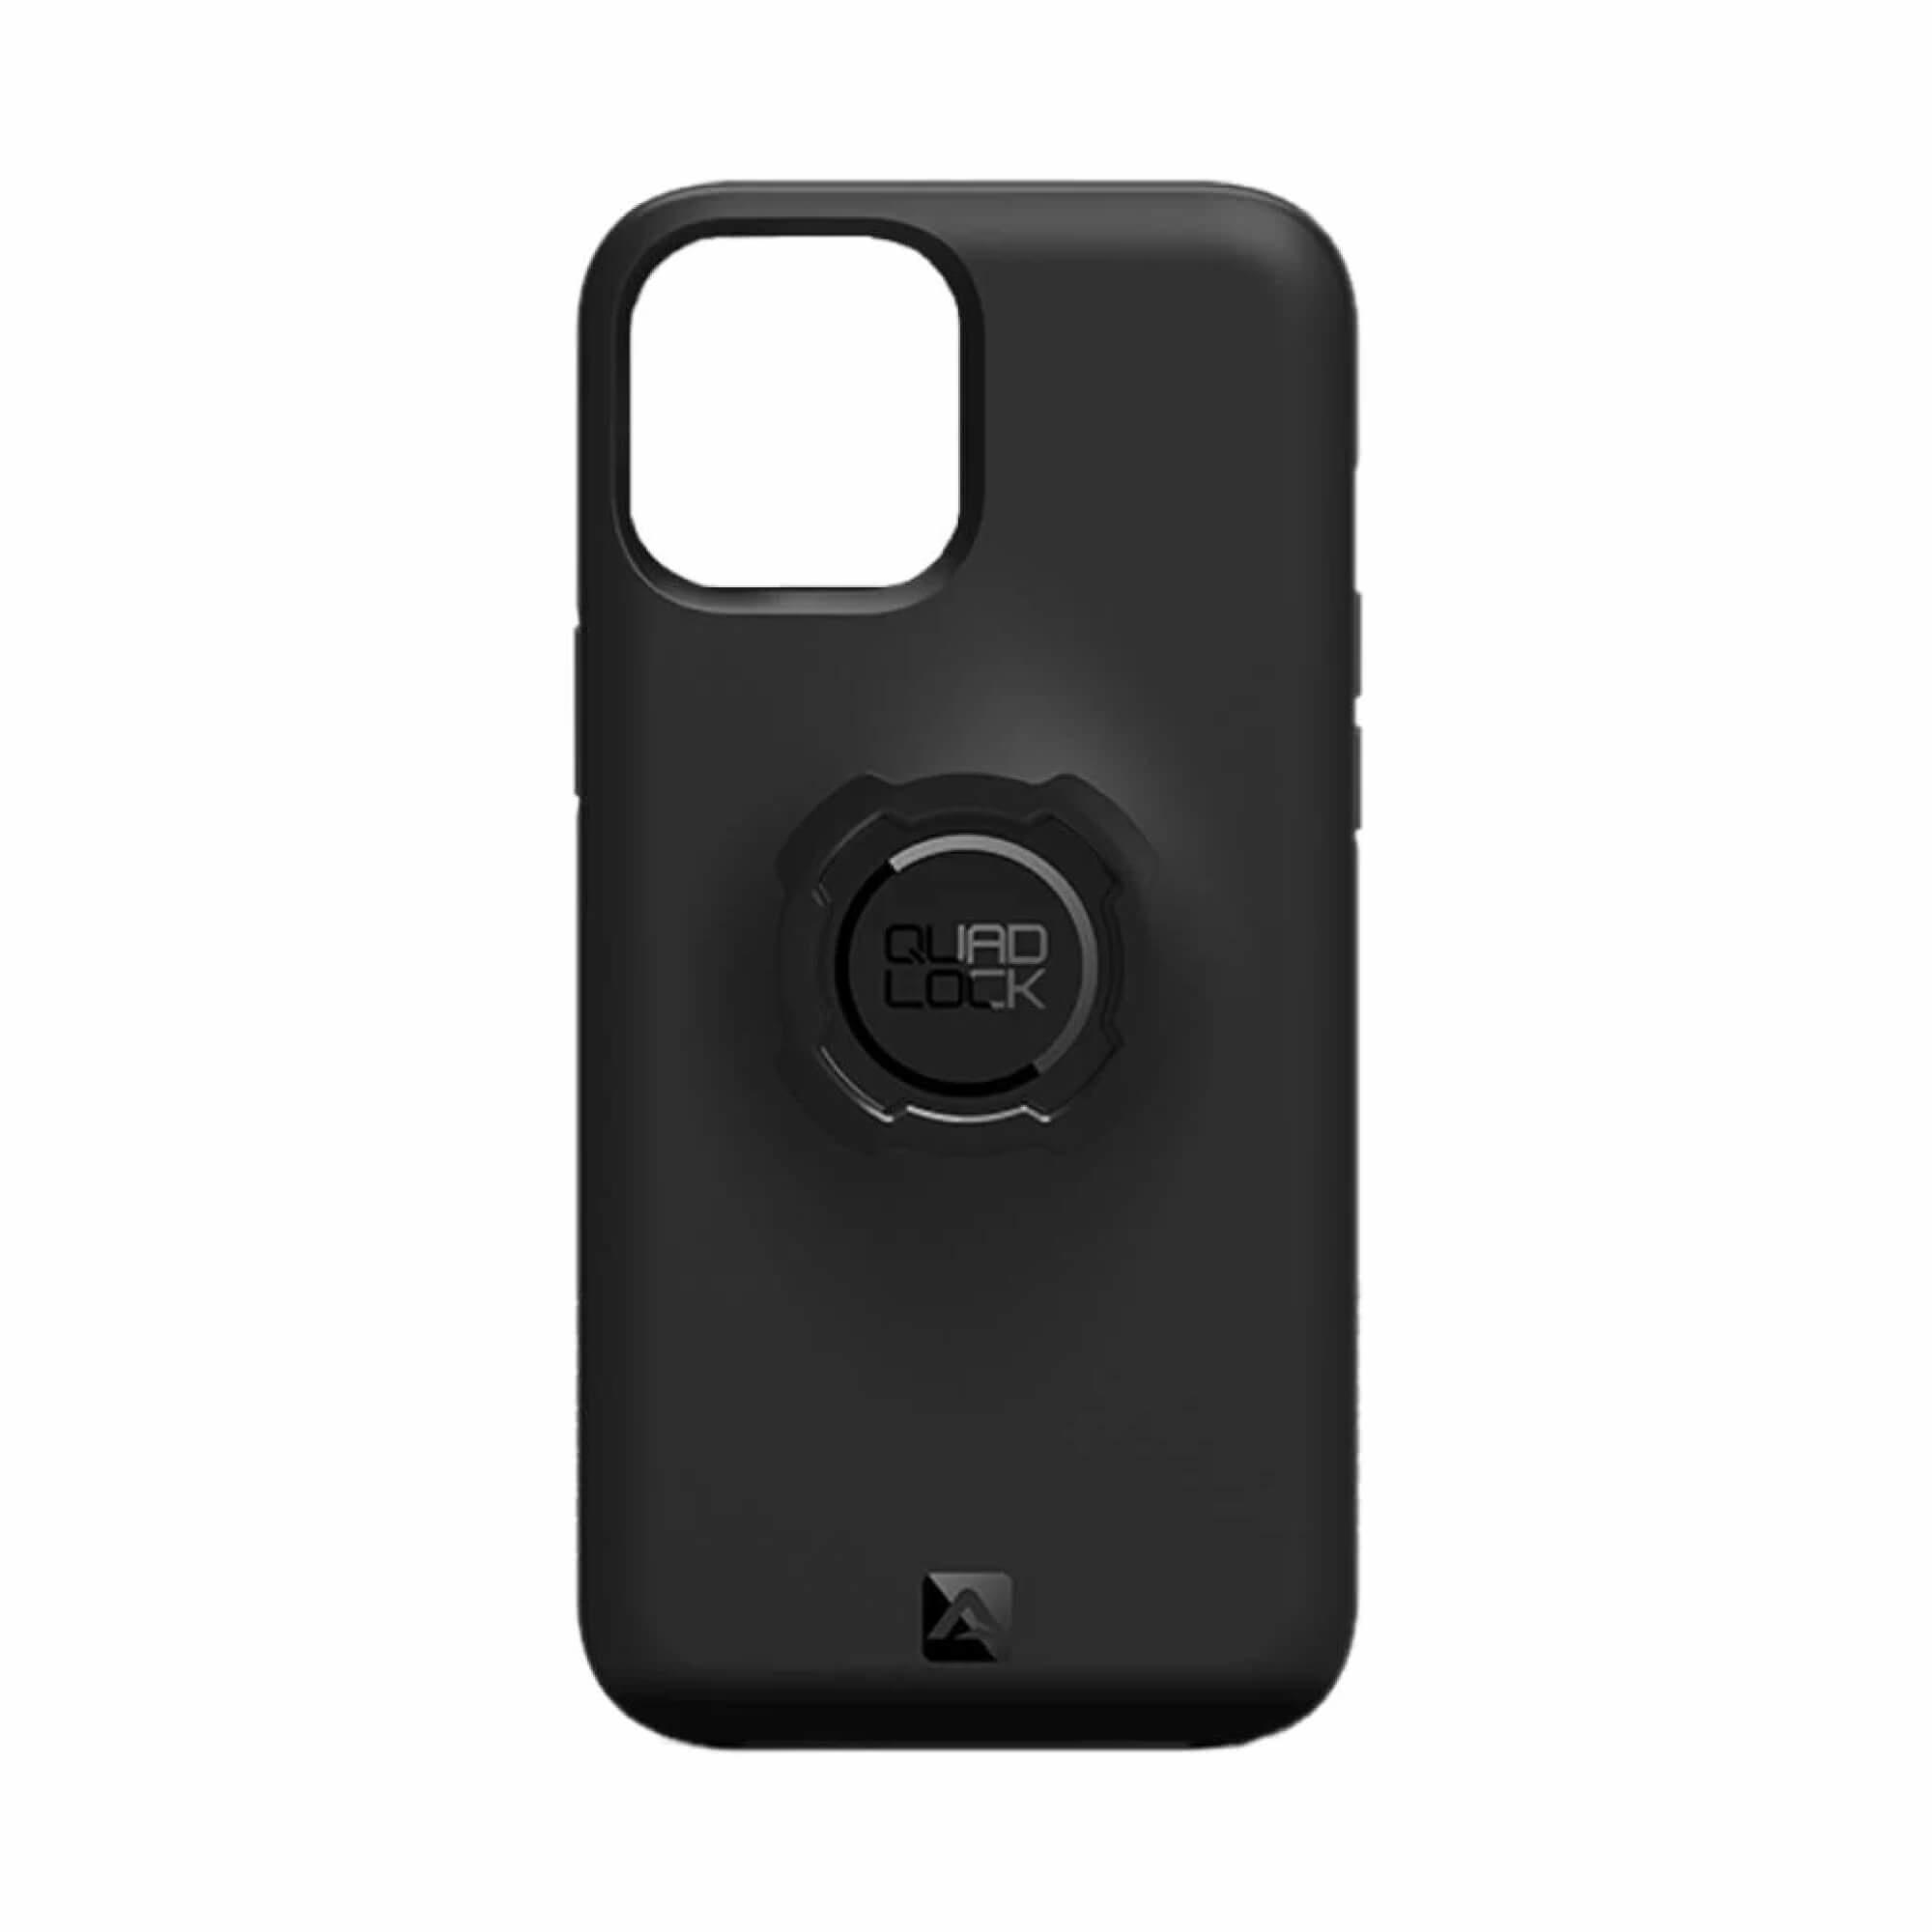 Case Iphone 12 Pro Max-1